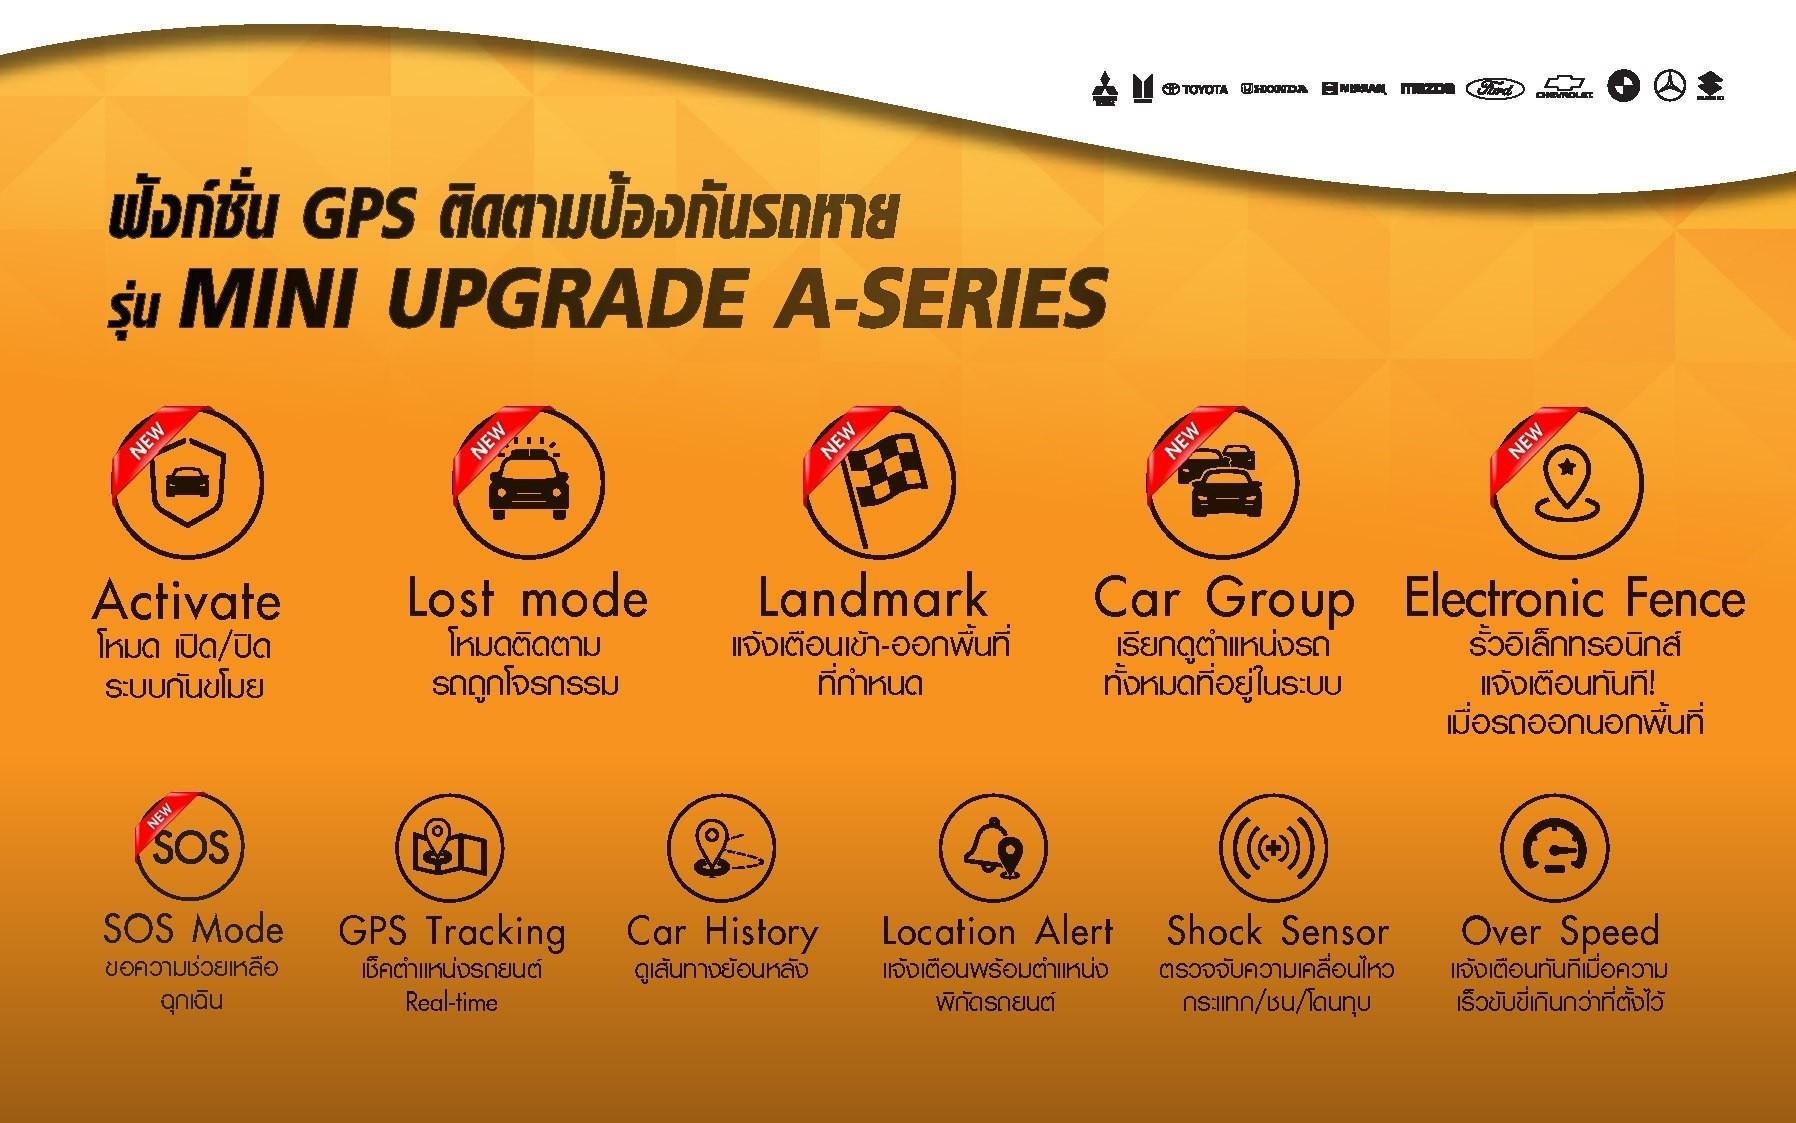 จีพีเอสติดตามรถ พร้อมระบบกันขโมย ป้องกันรถหาย MINI UPGRADE A-SERIES